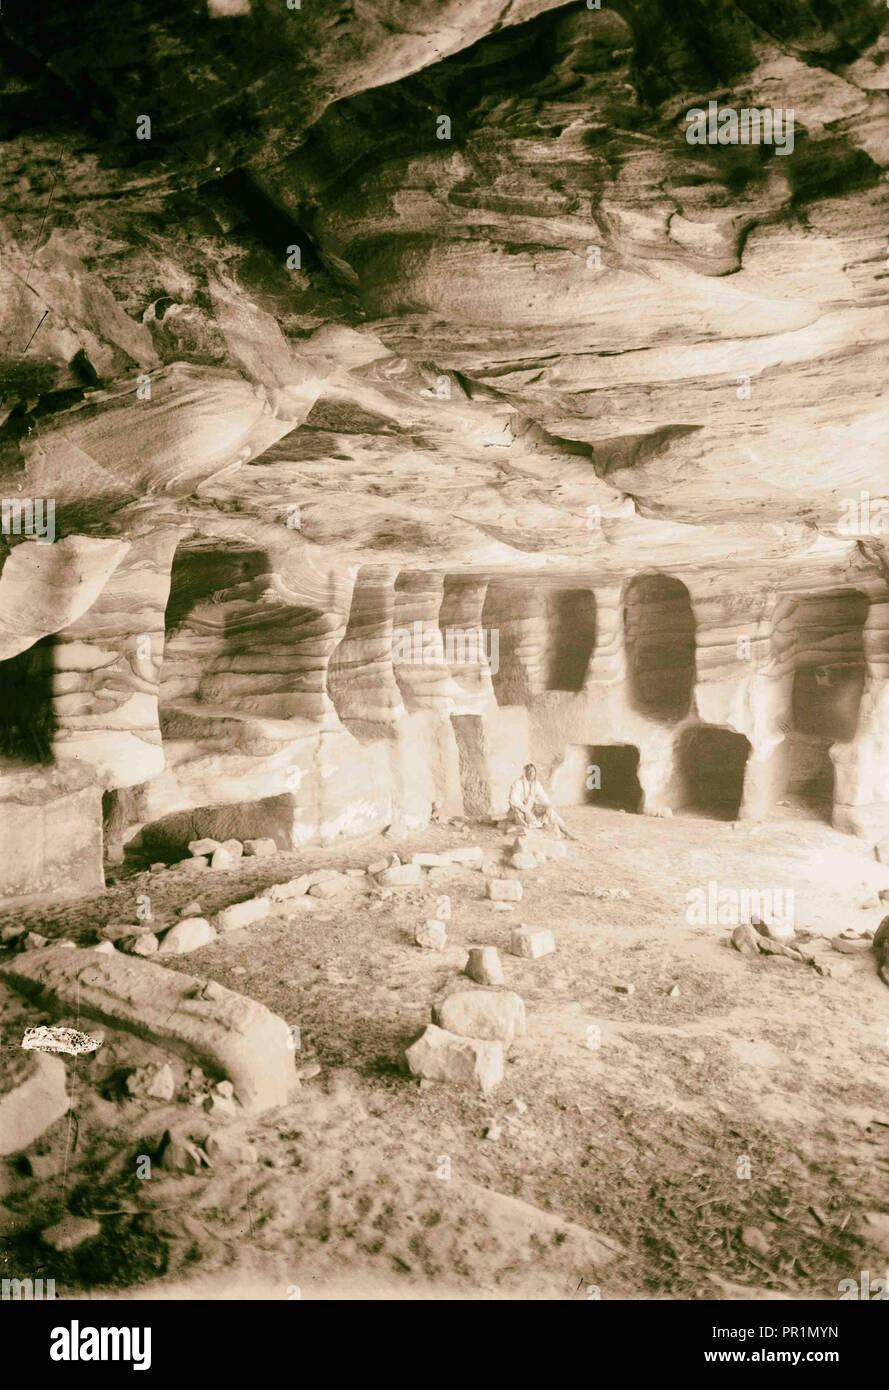 Trans-Jordan. Petra. Una tumba exterior. (Mostrando típicas vetas en roca). 1898, Jordania, Petra, extinto ciudad Foto de stock